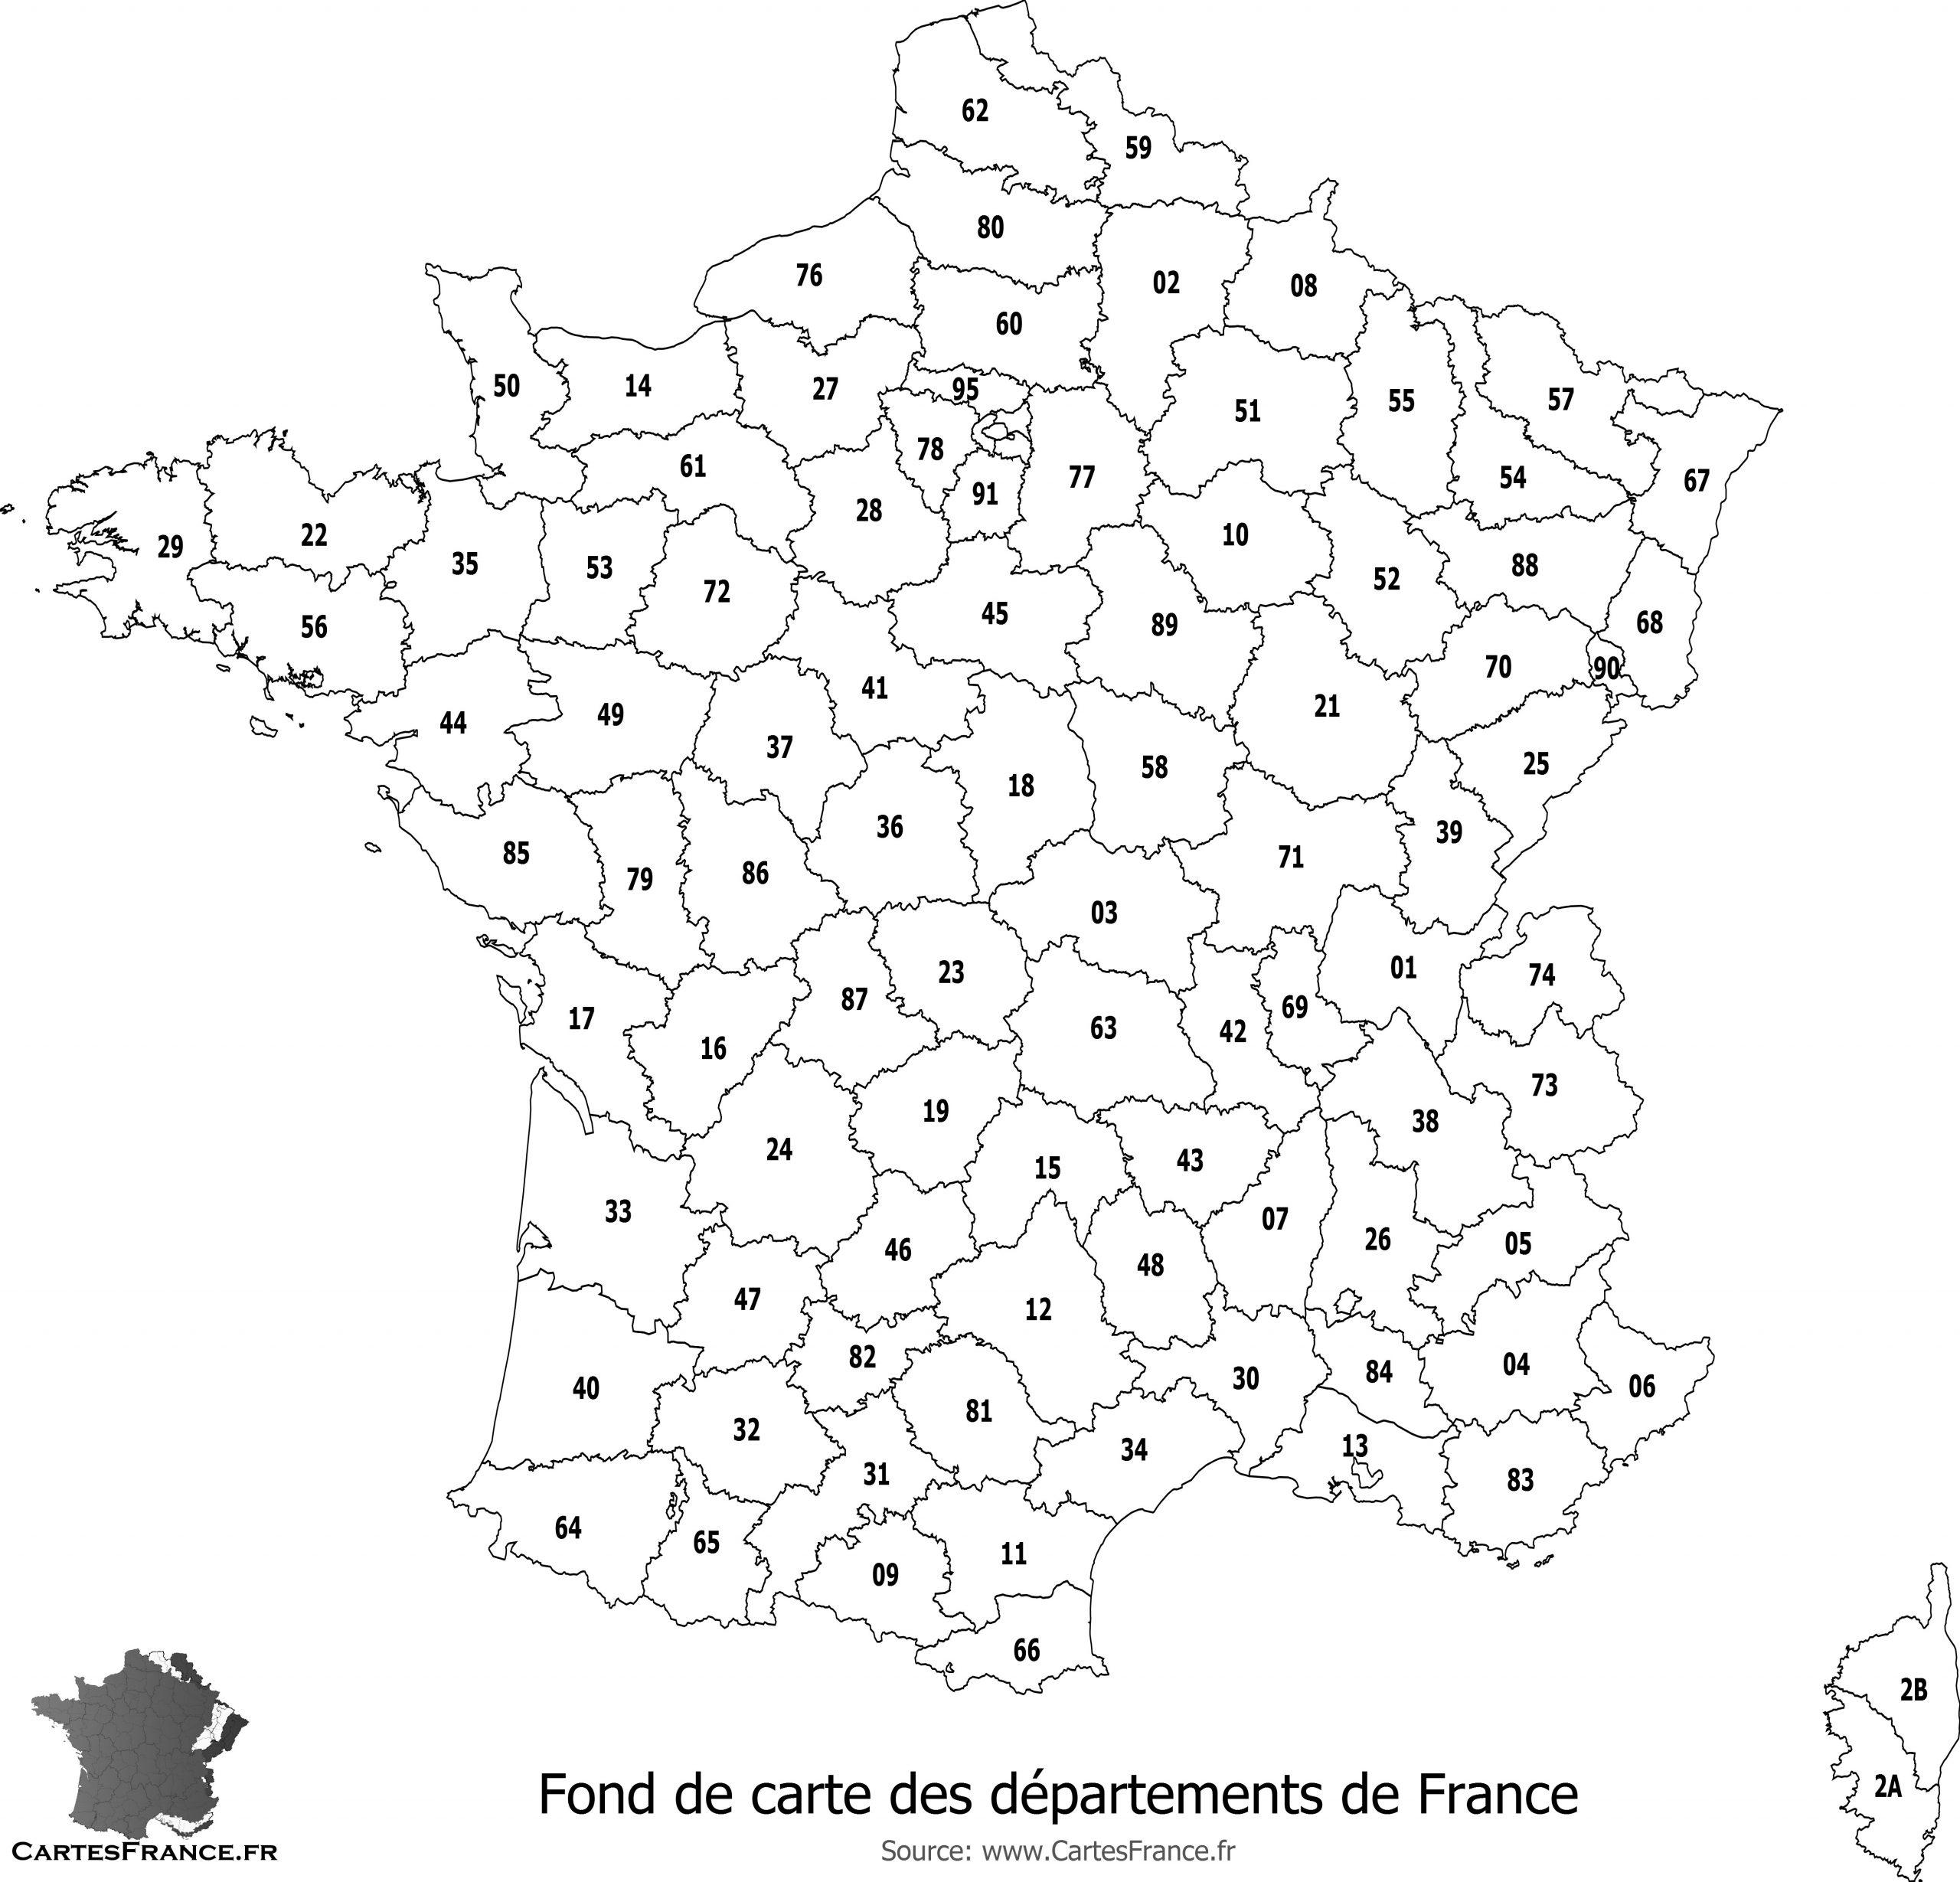 Fond De Carte Des Départements De France dedans Fond De Carte France Vierge